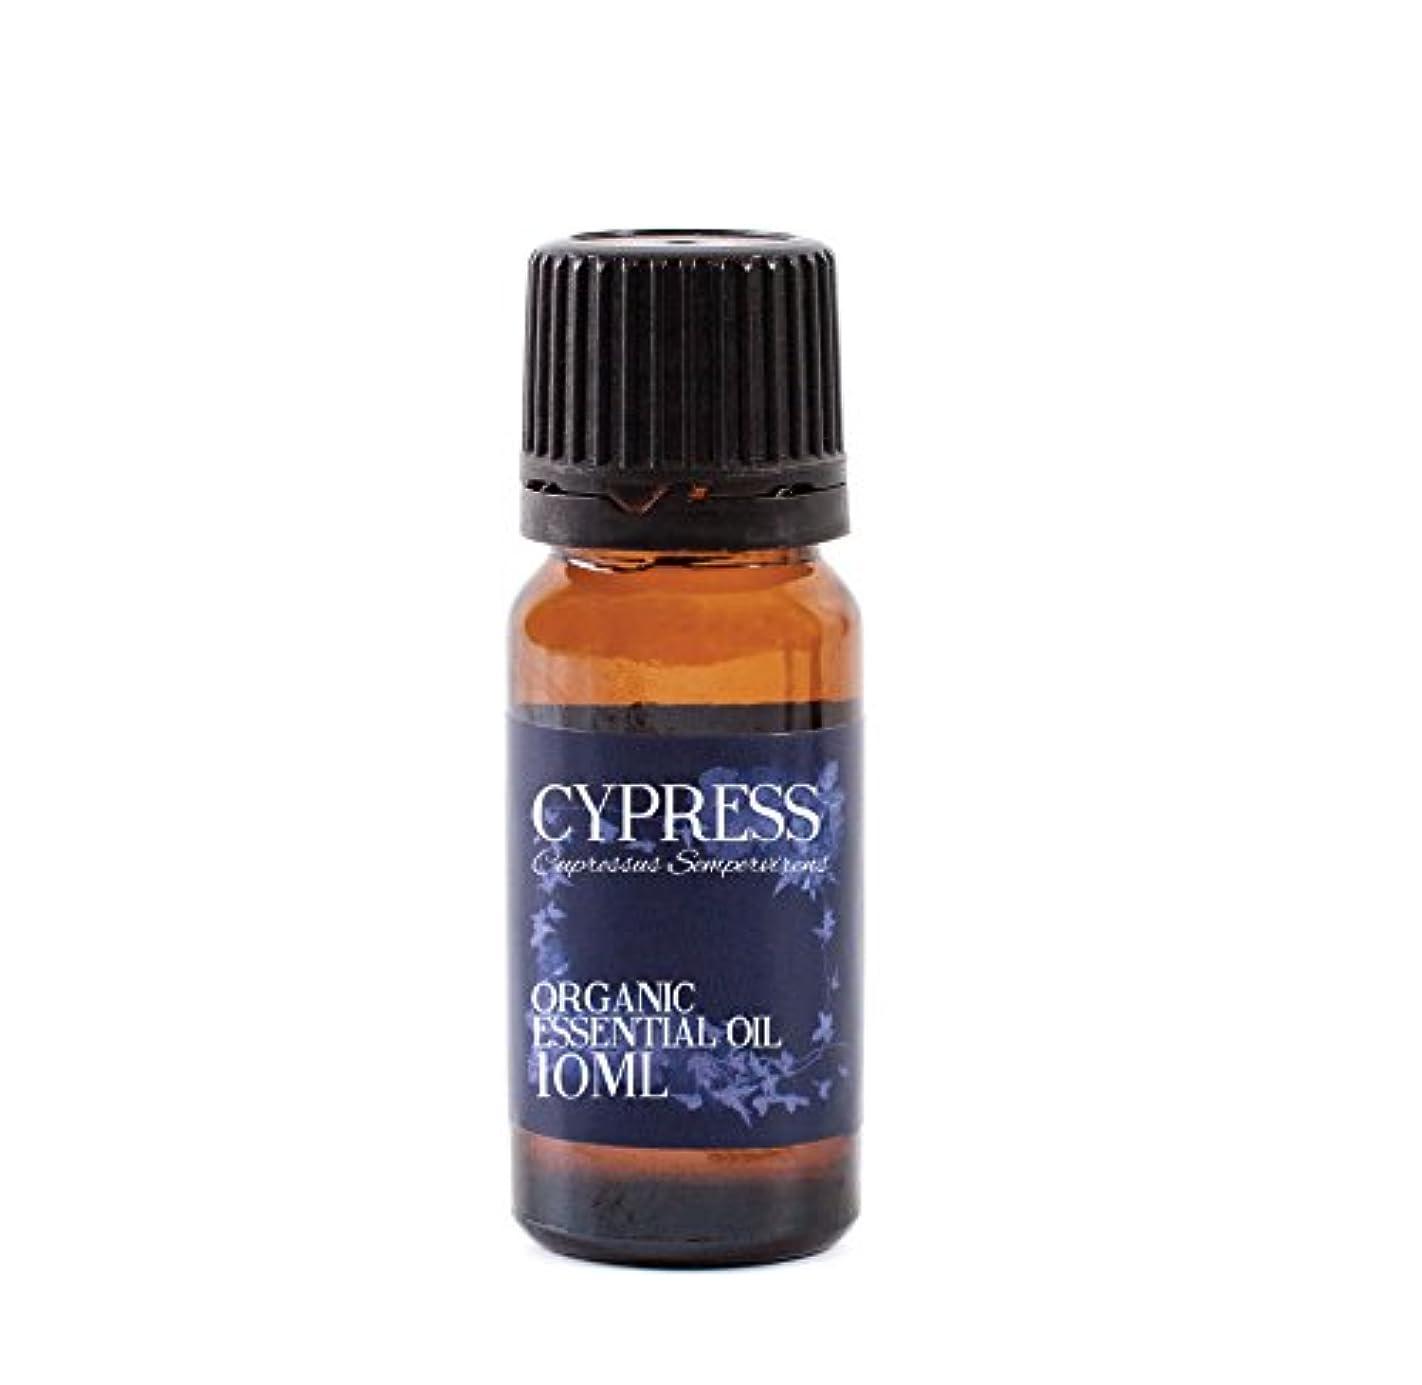 ハウジング火曜日お勧めCypress Organic Essential Oil - 10ml - 100% Pure